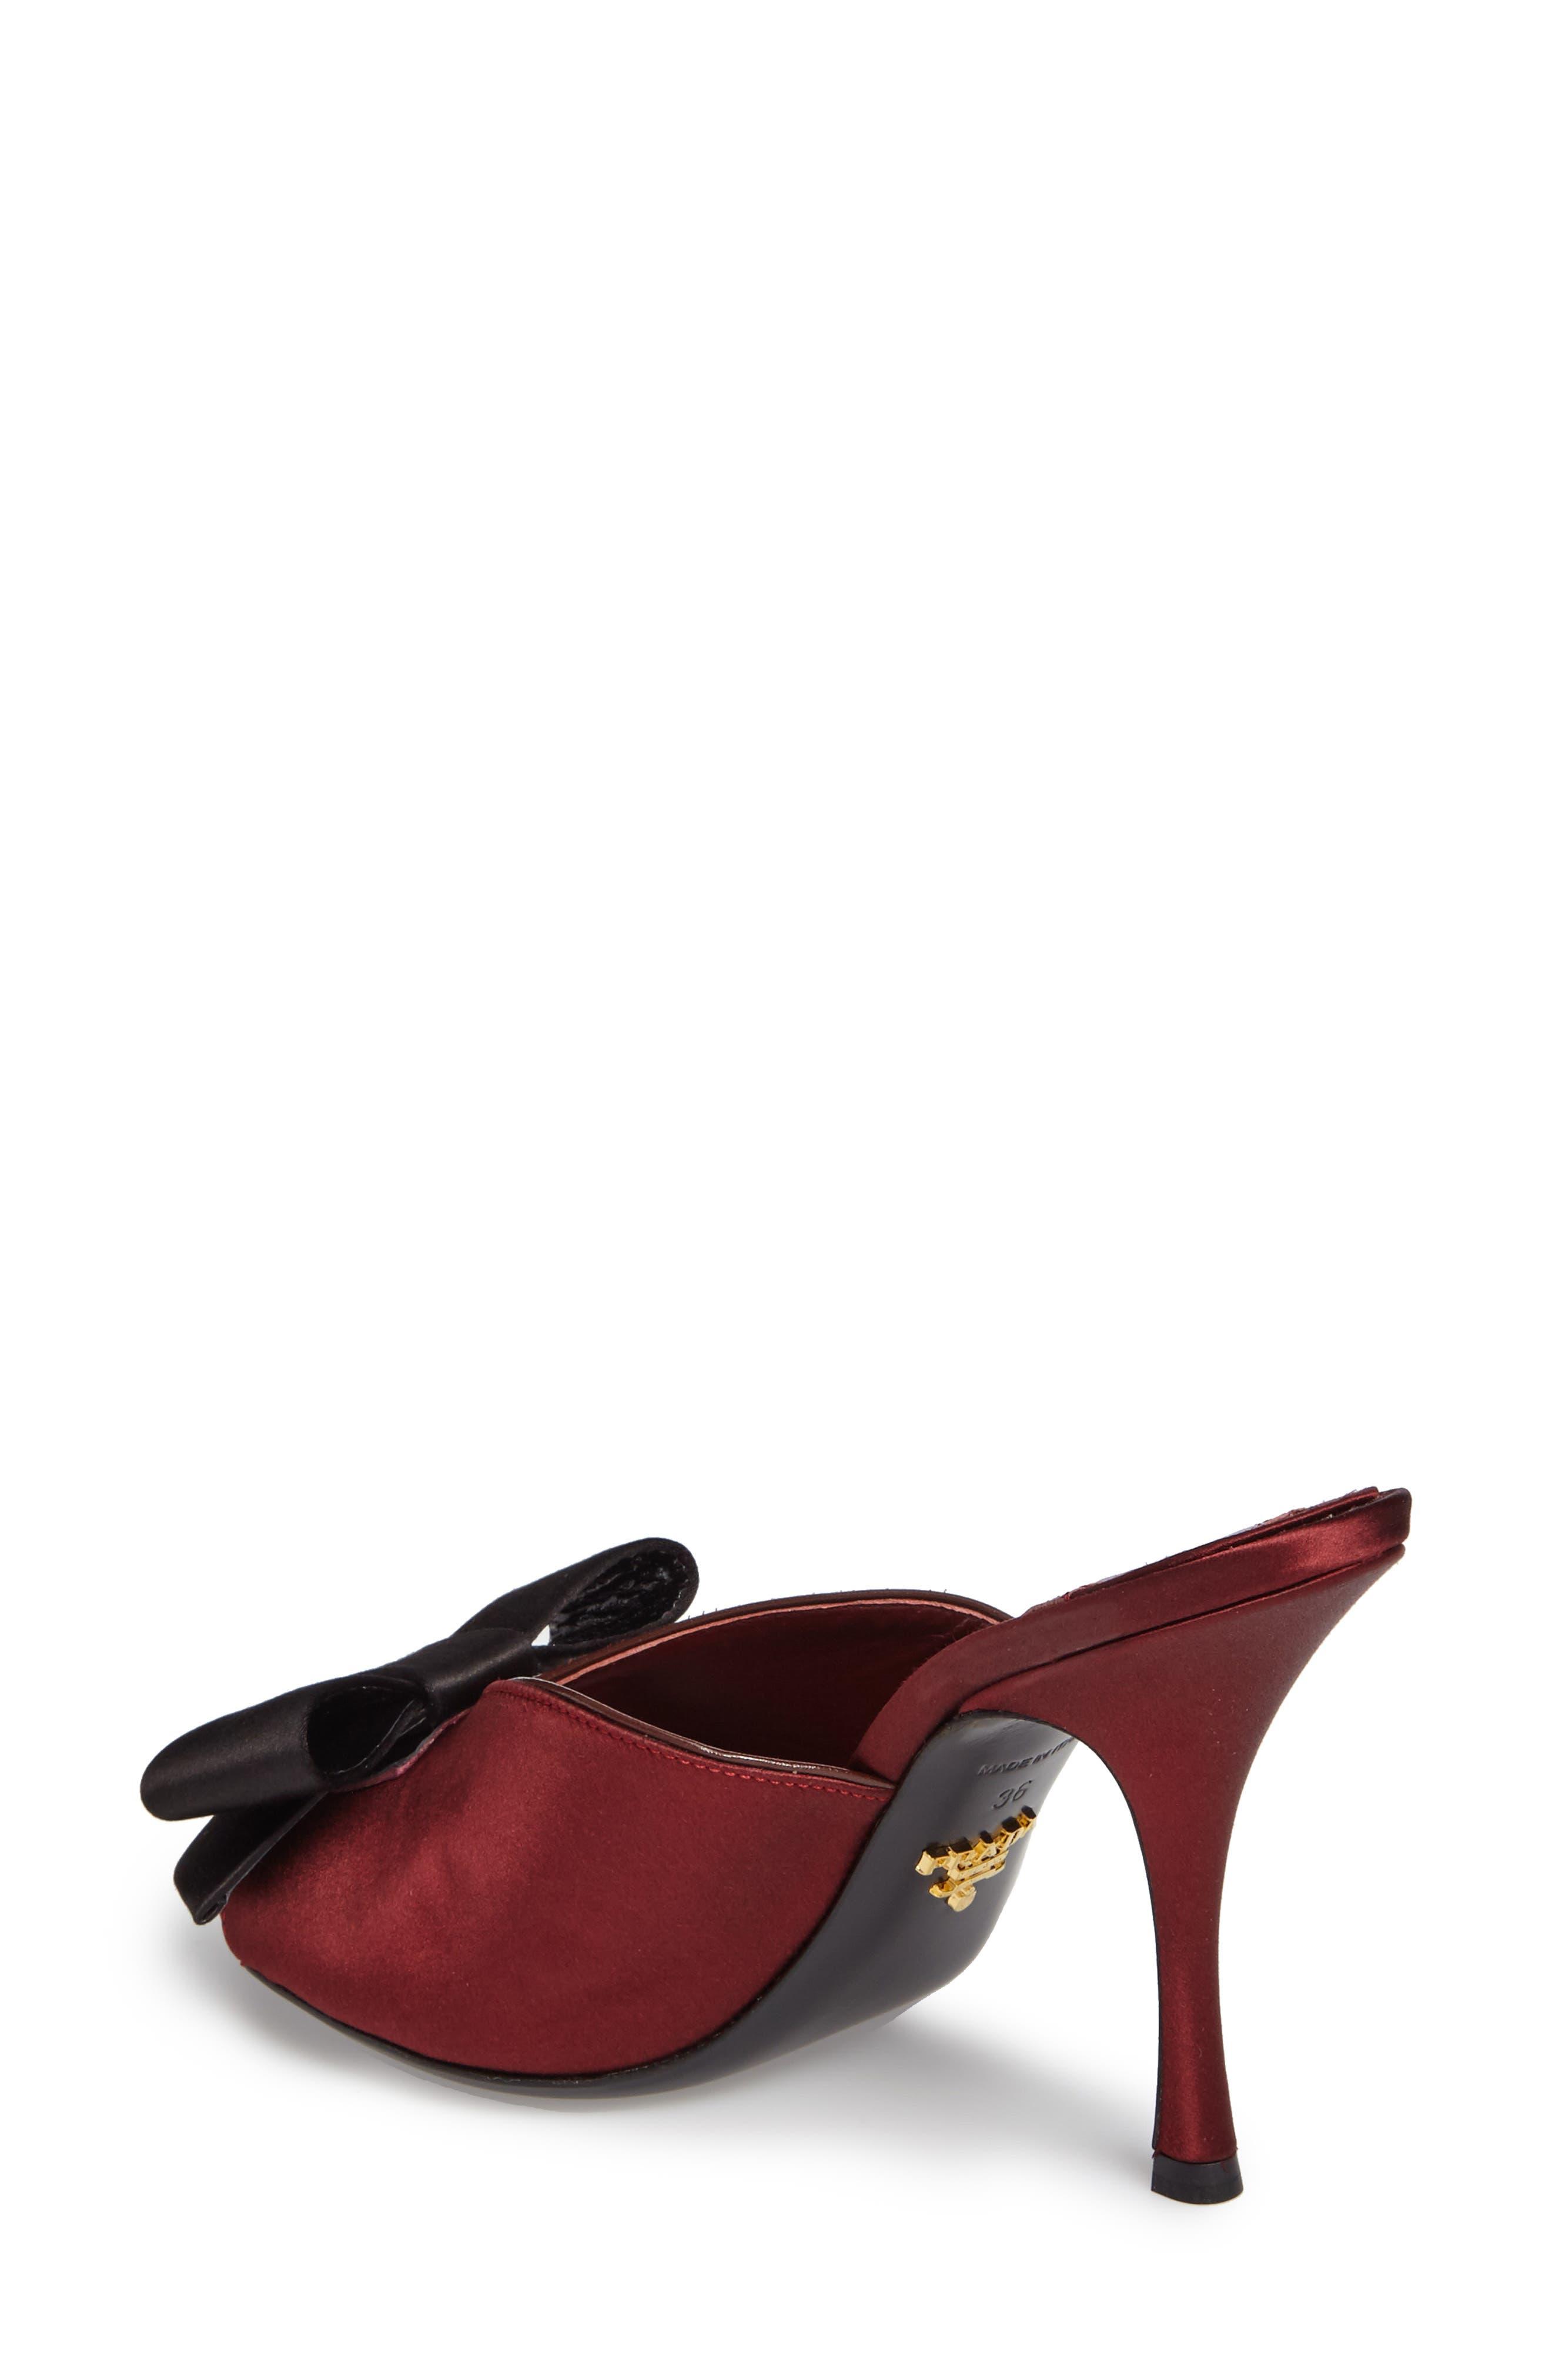 Alternate Image 2  - Prada Bow Sandal (Women)